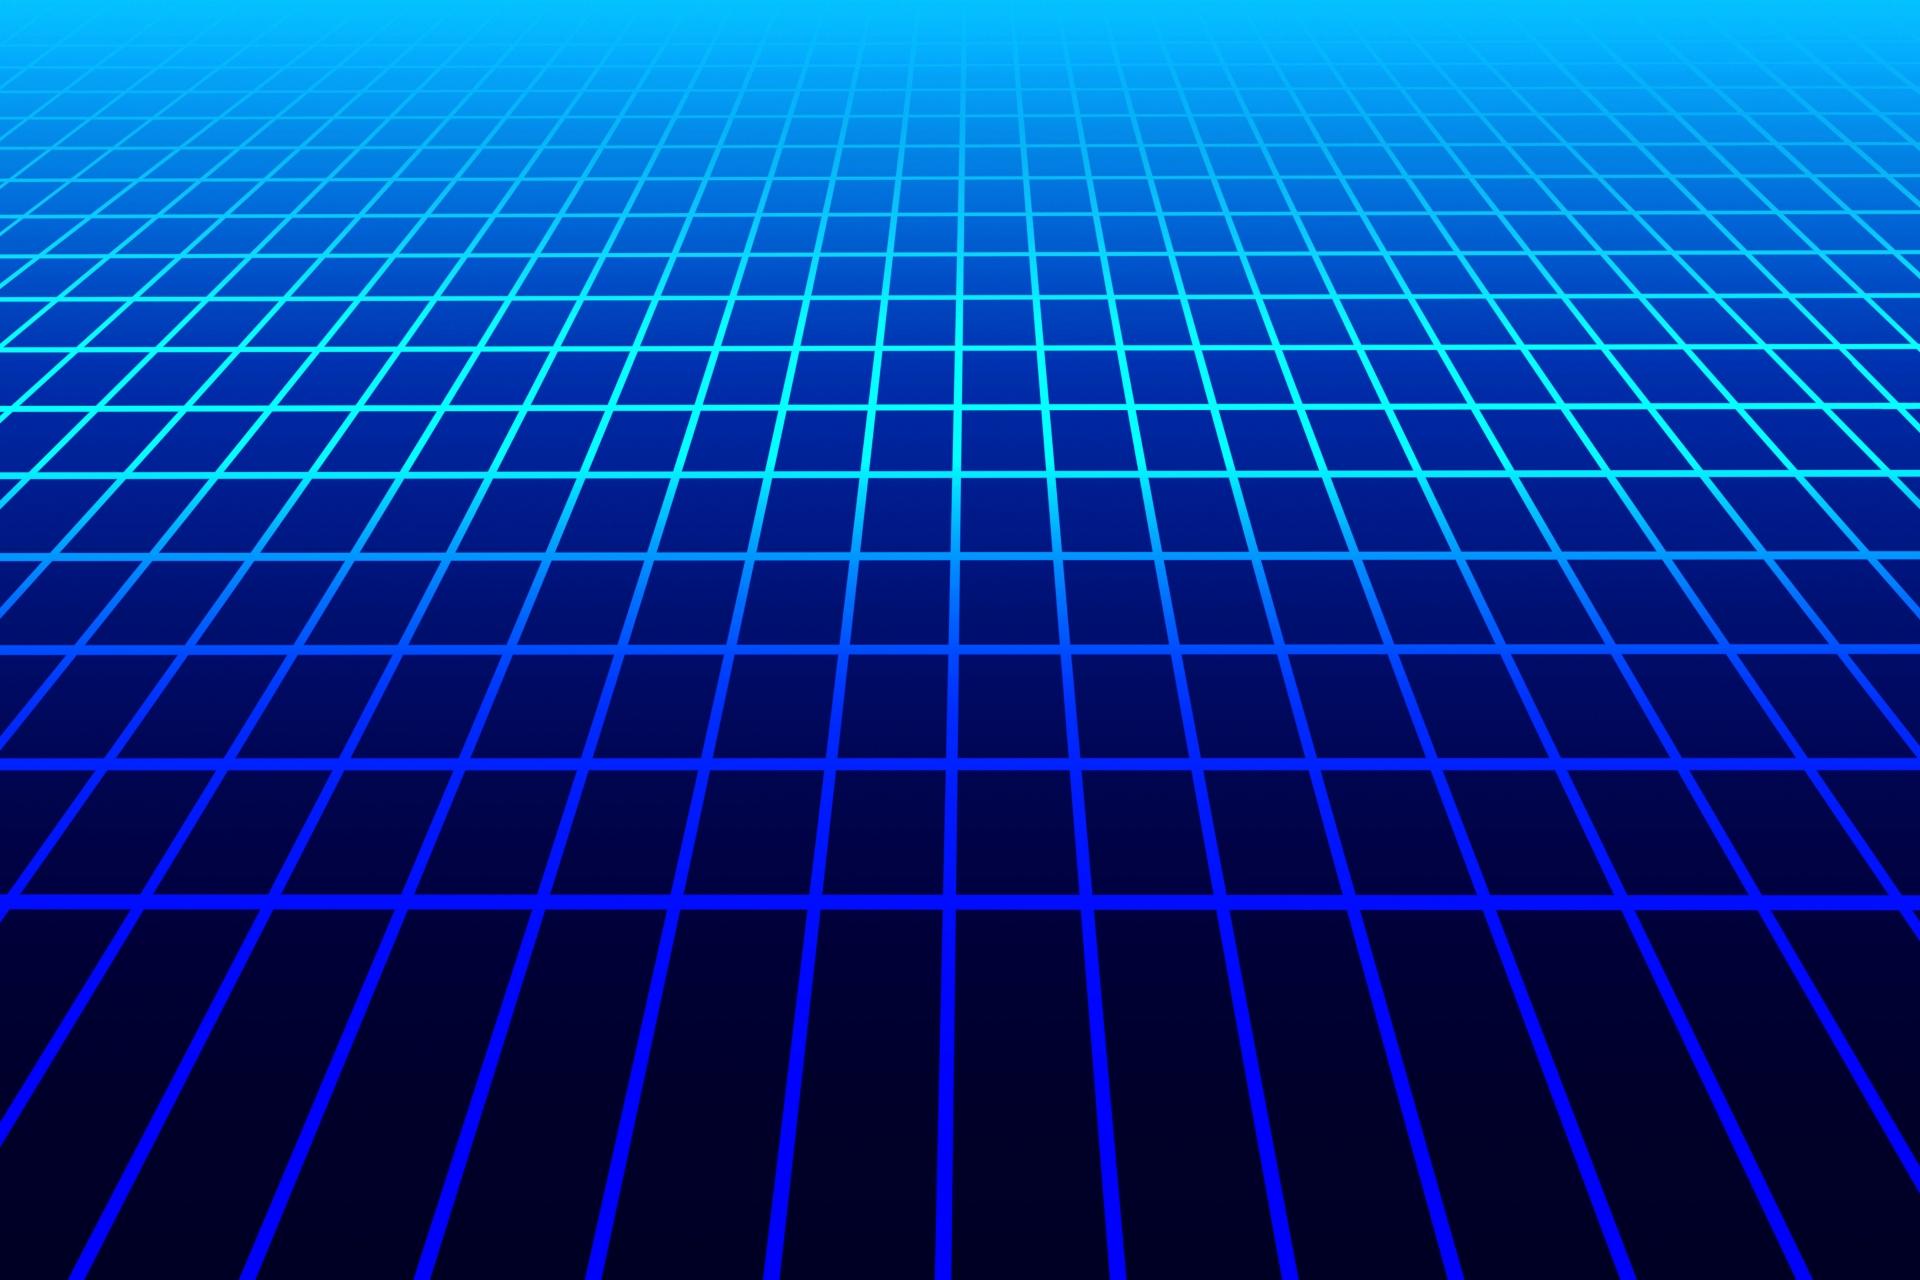 電波のイメージ